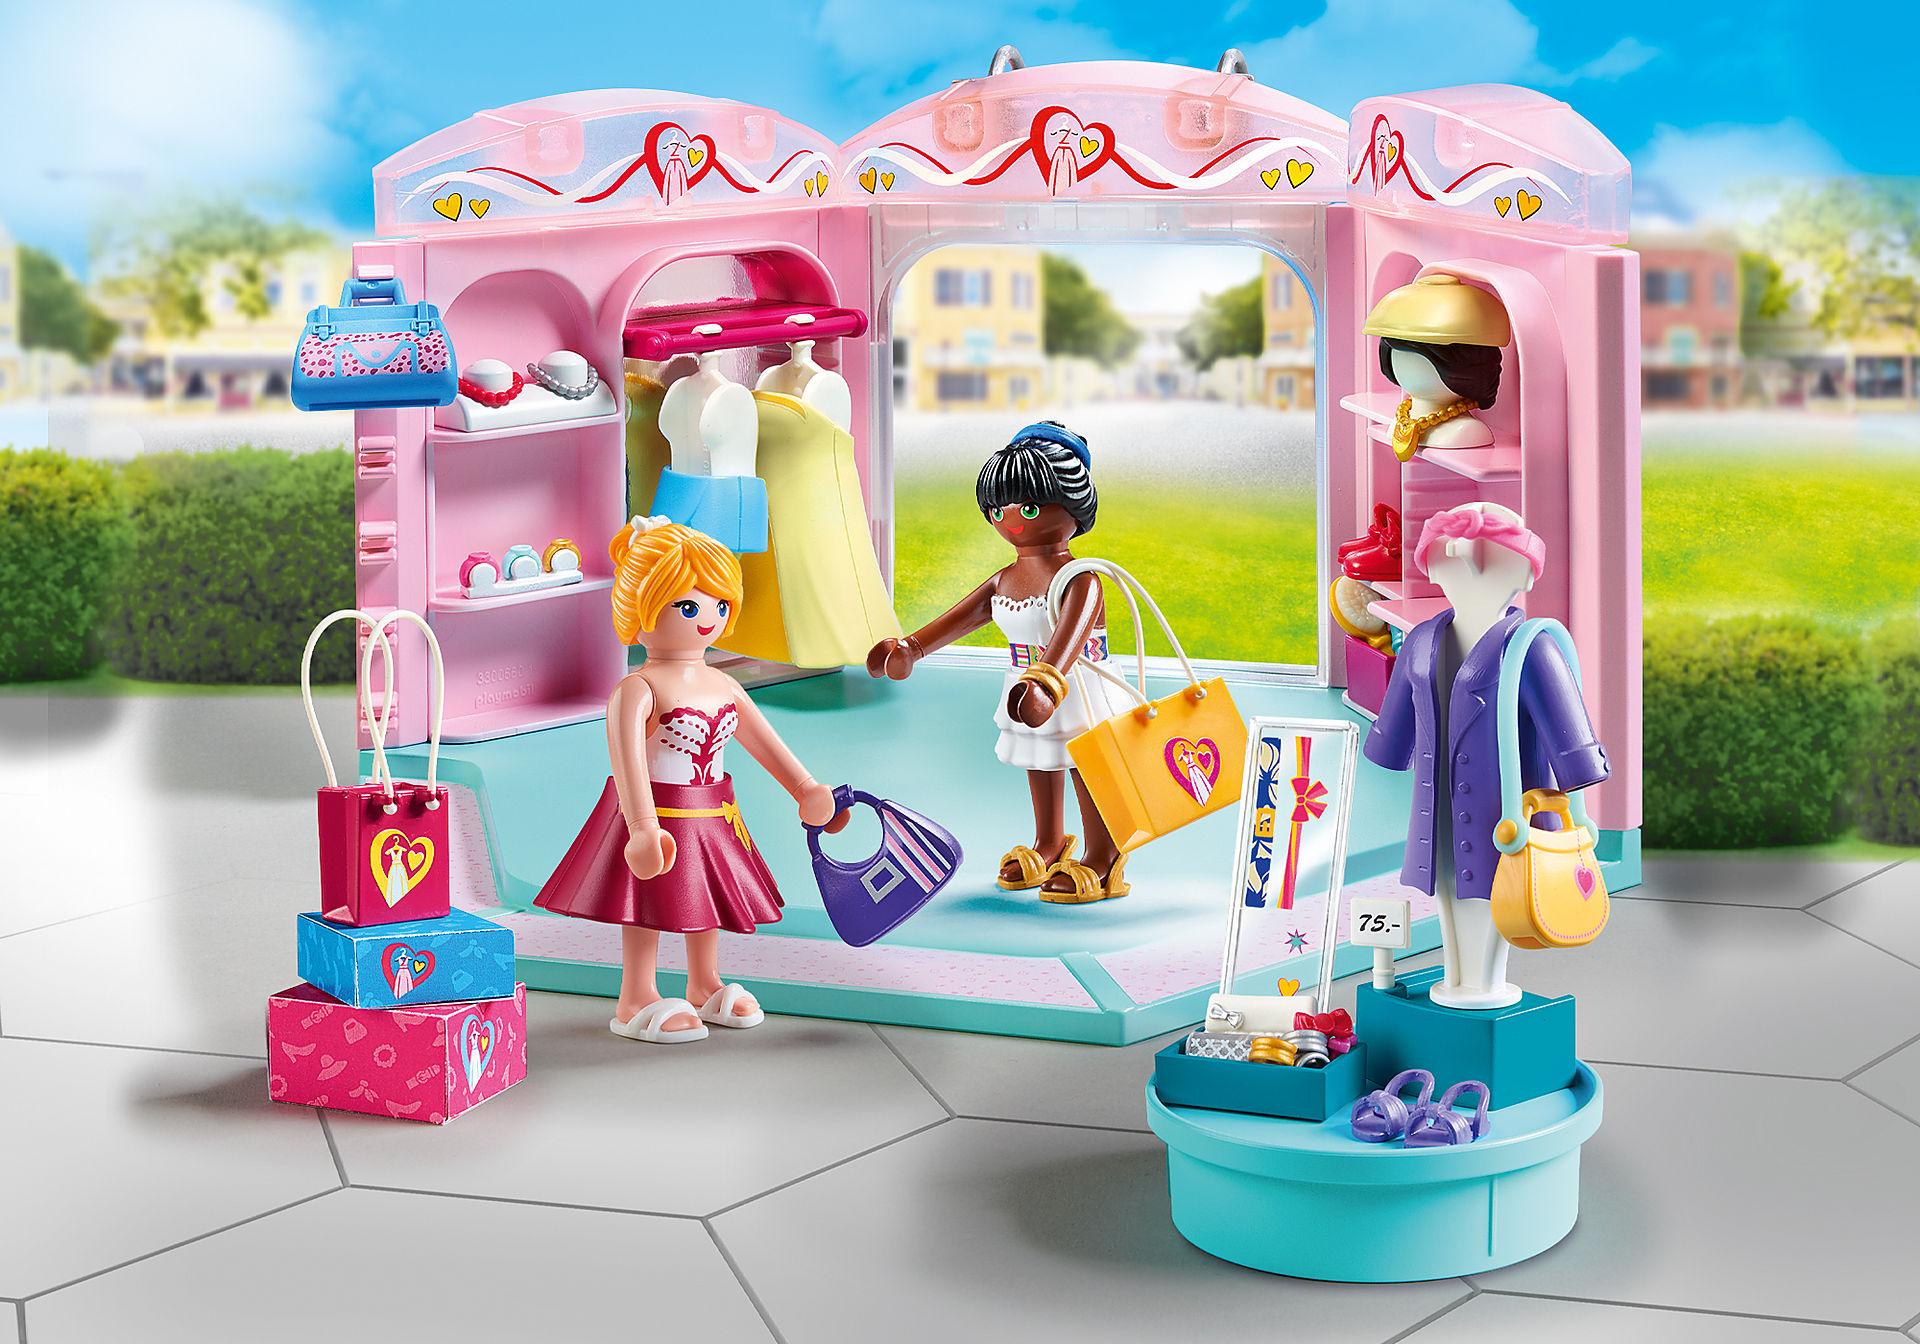 70591 Модный магазин zoom image1